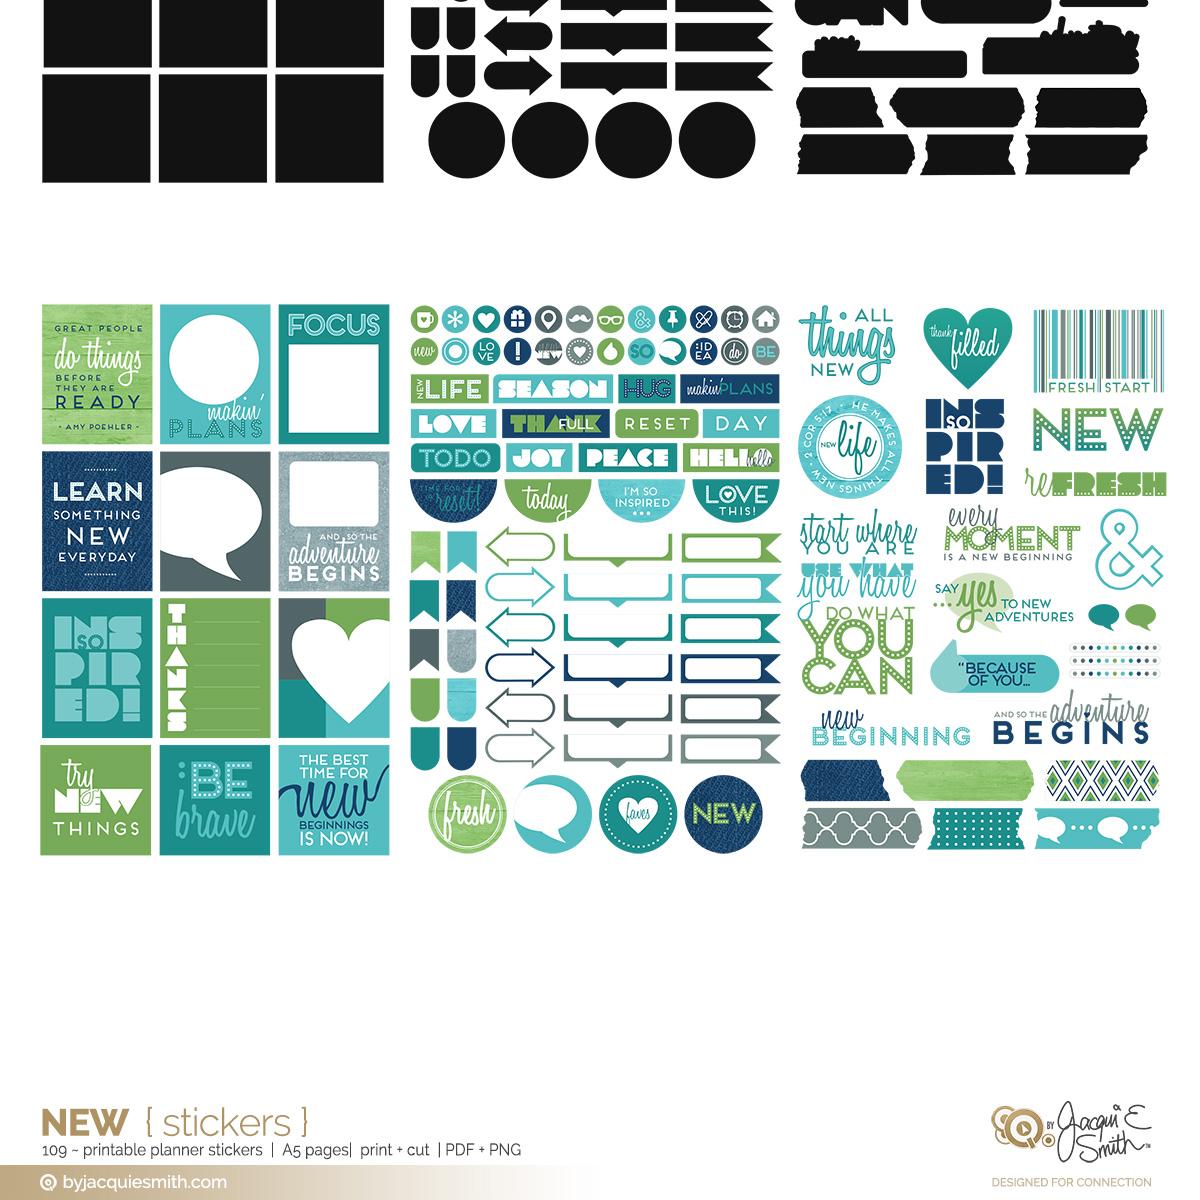 New printable stickers at byjacquiesmith.com